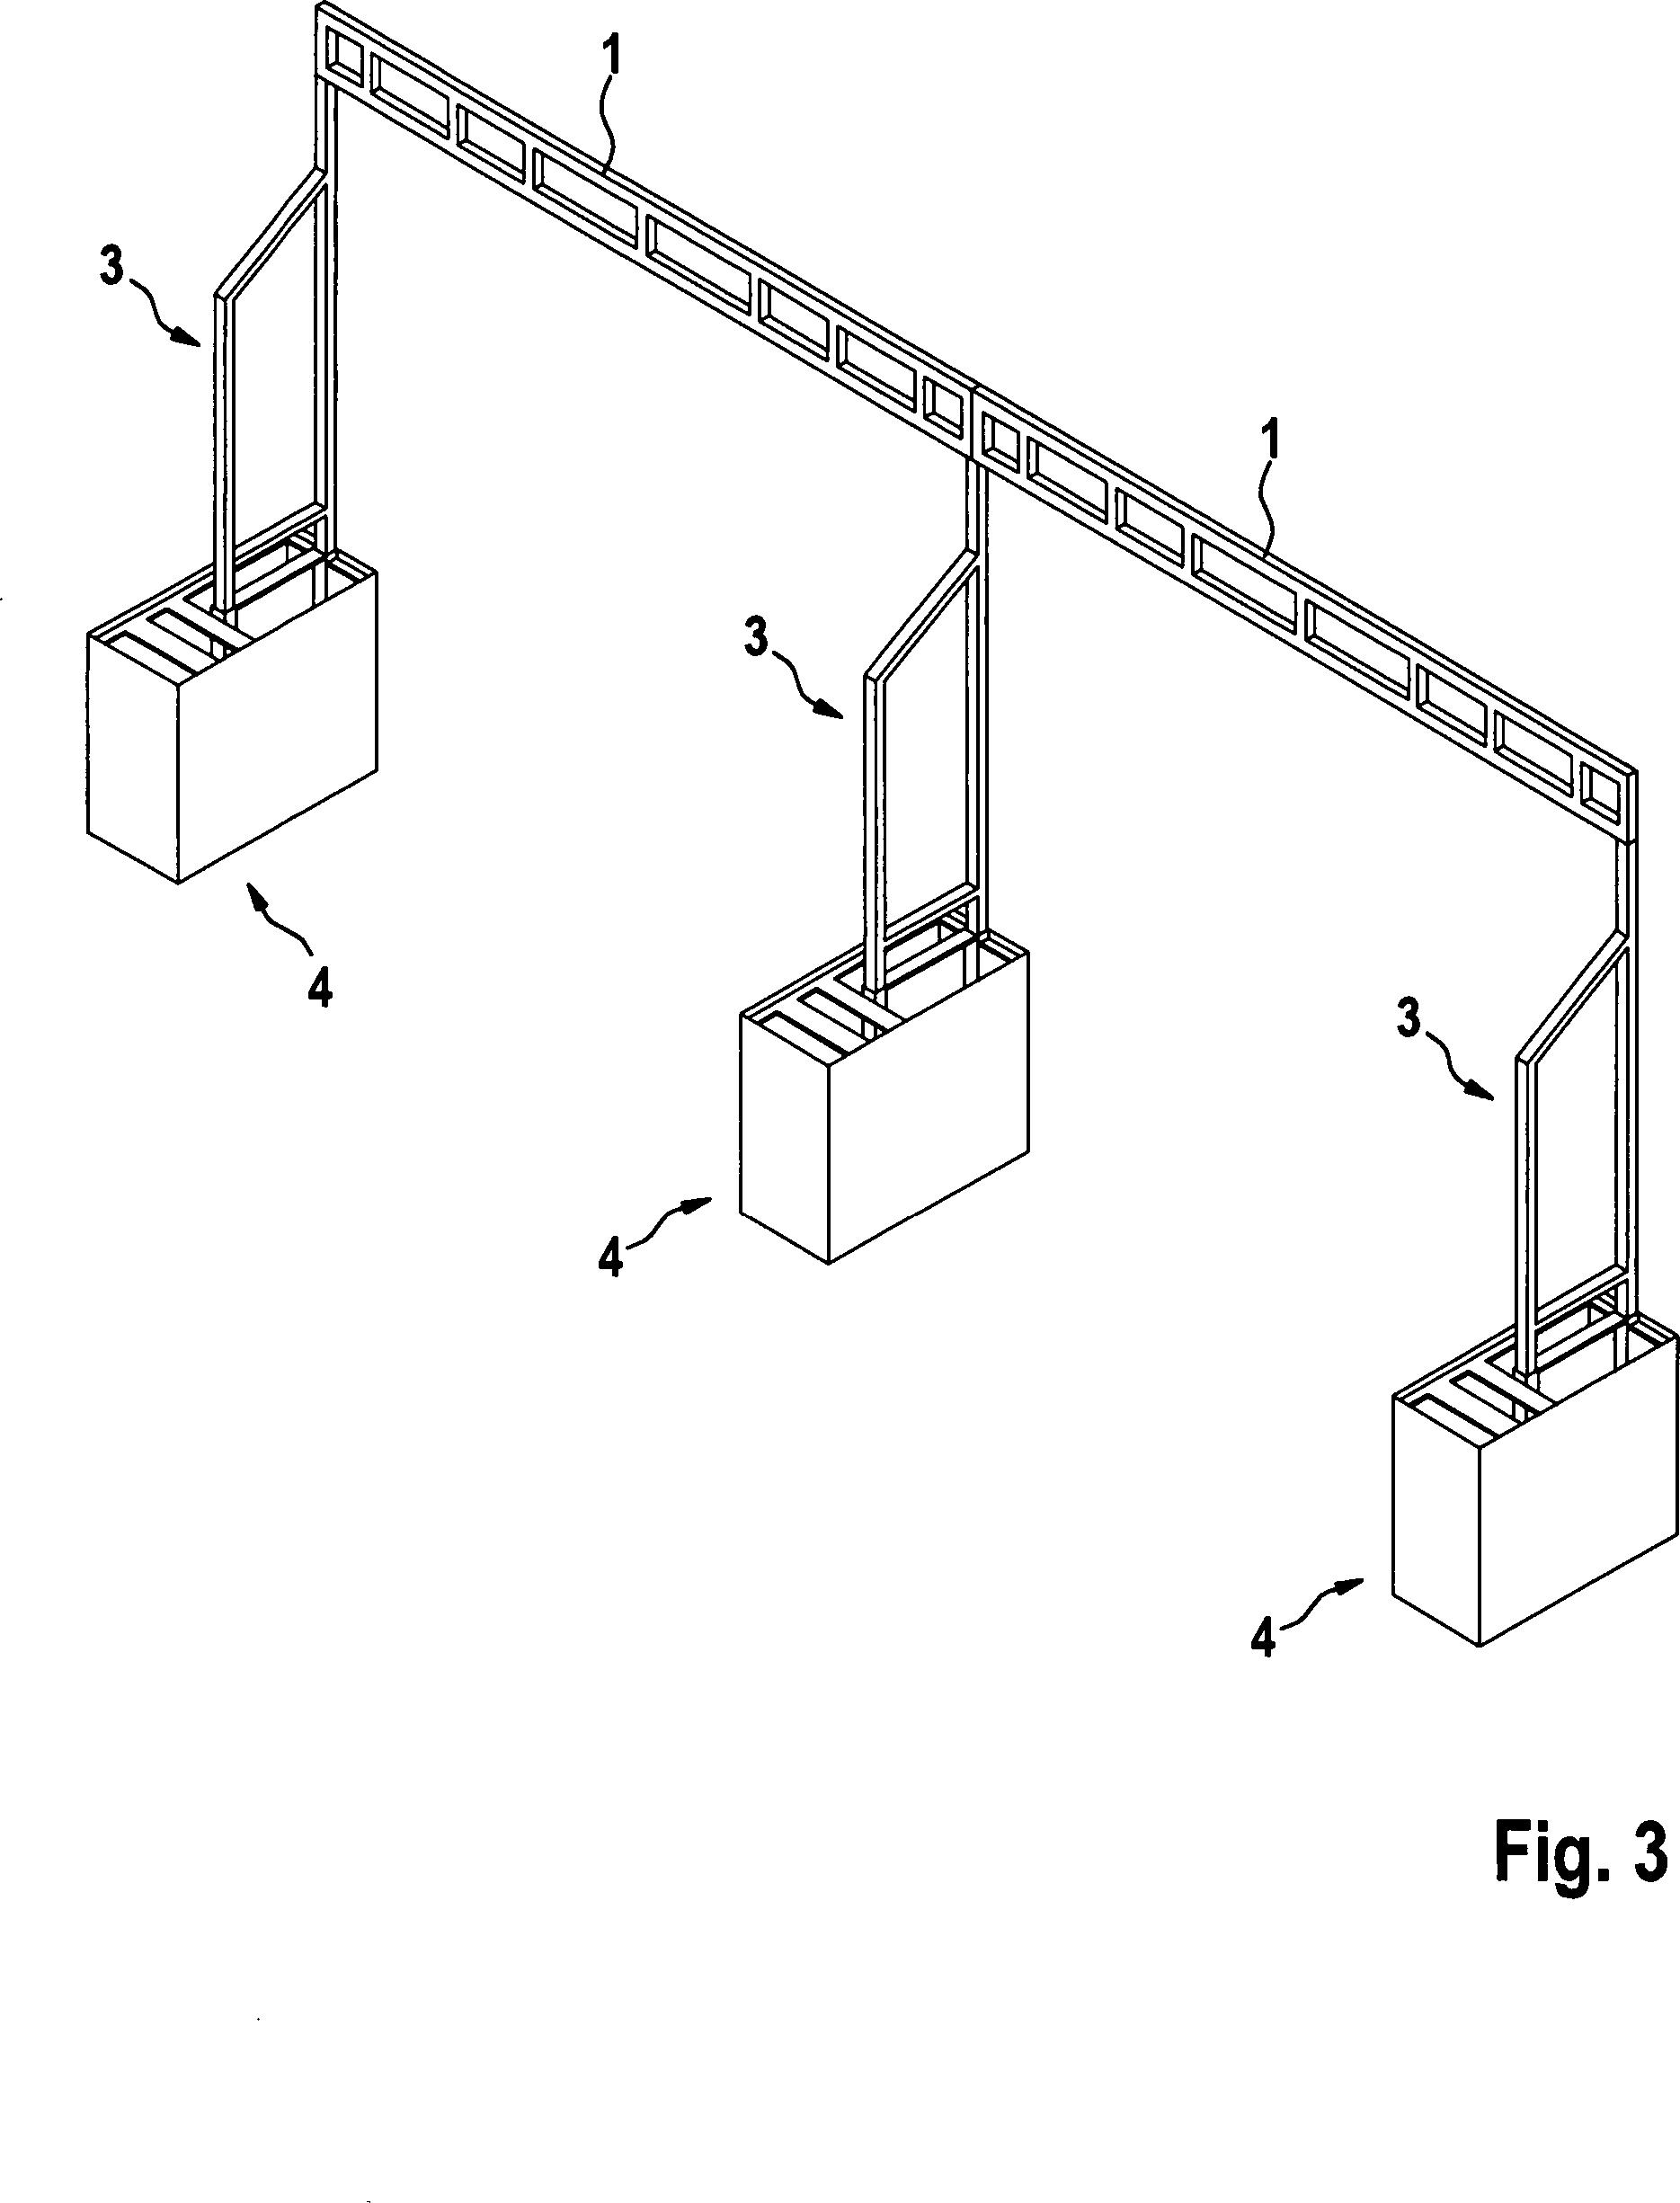 Patent De202011003749u1 Gestell Und Tragkonstruktion